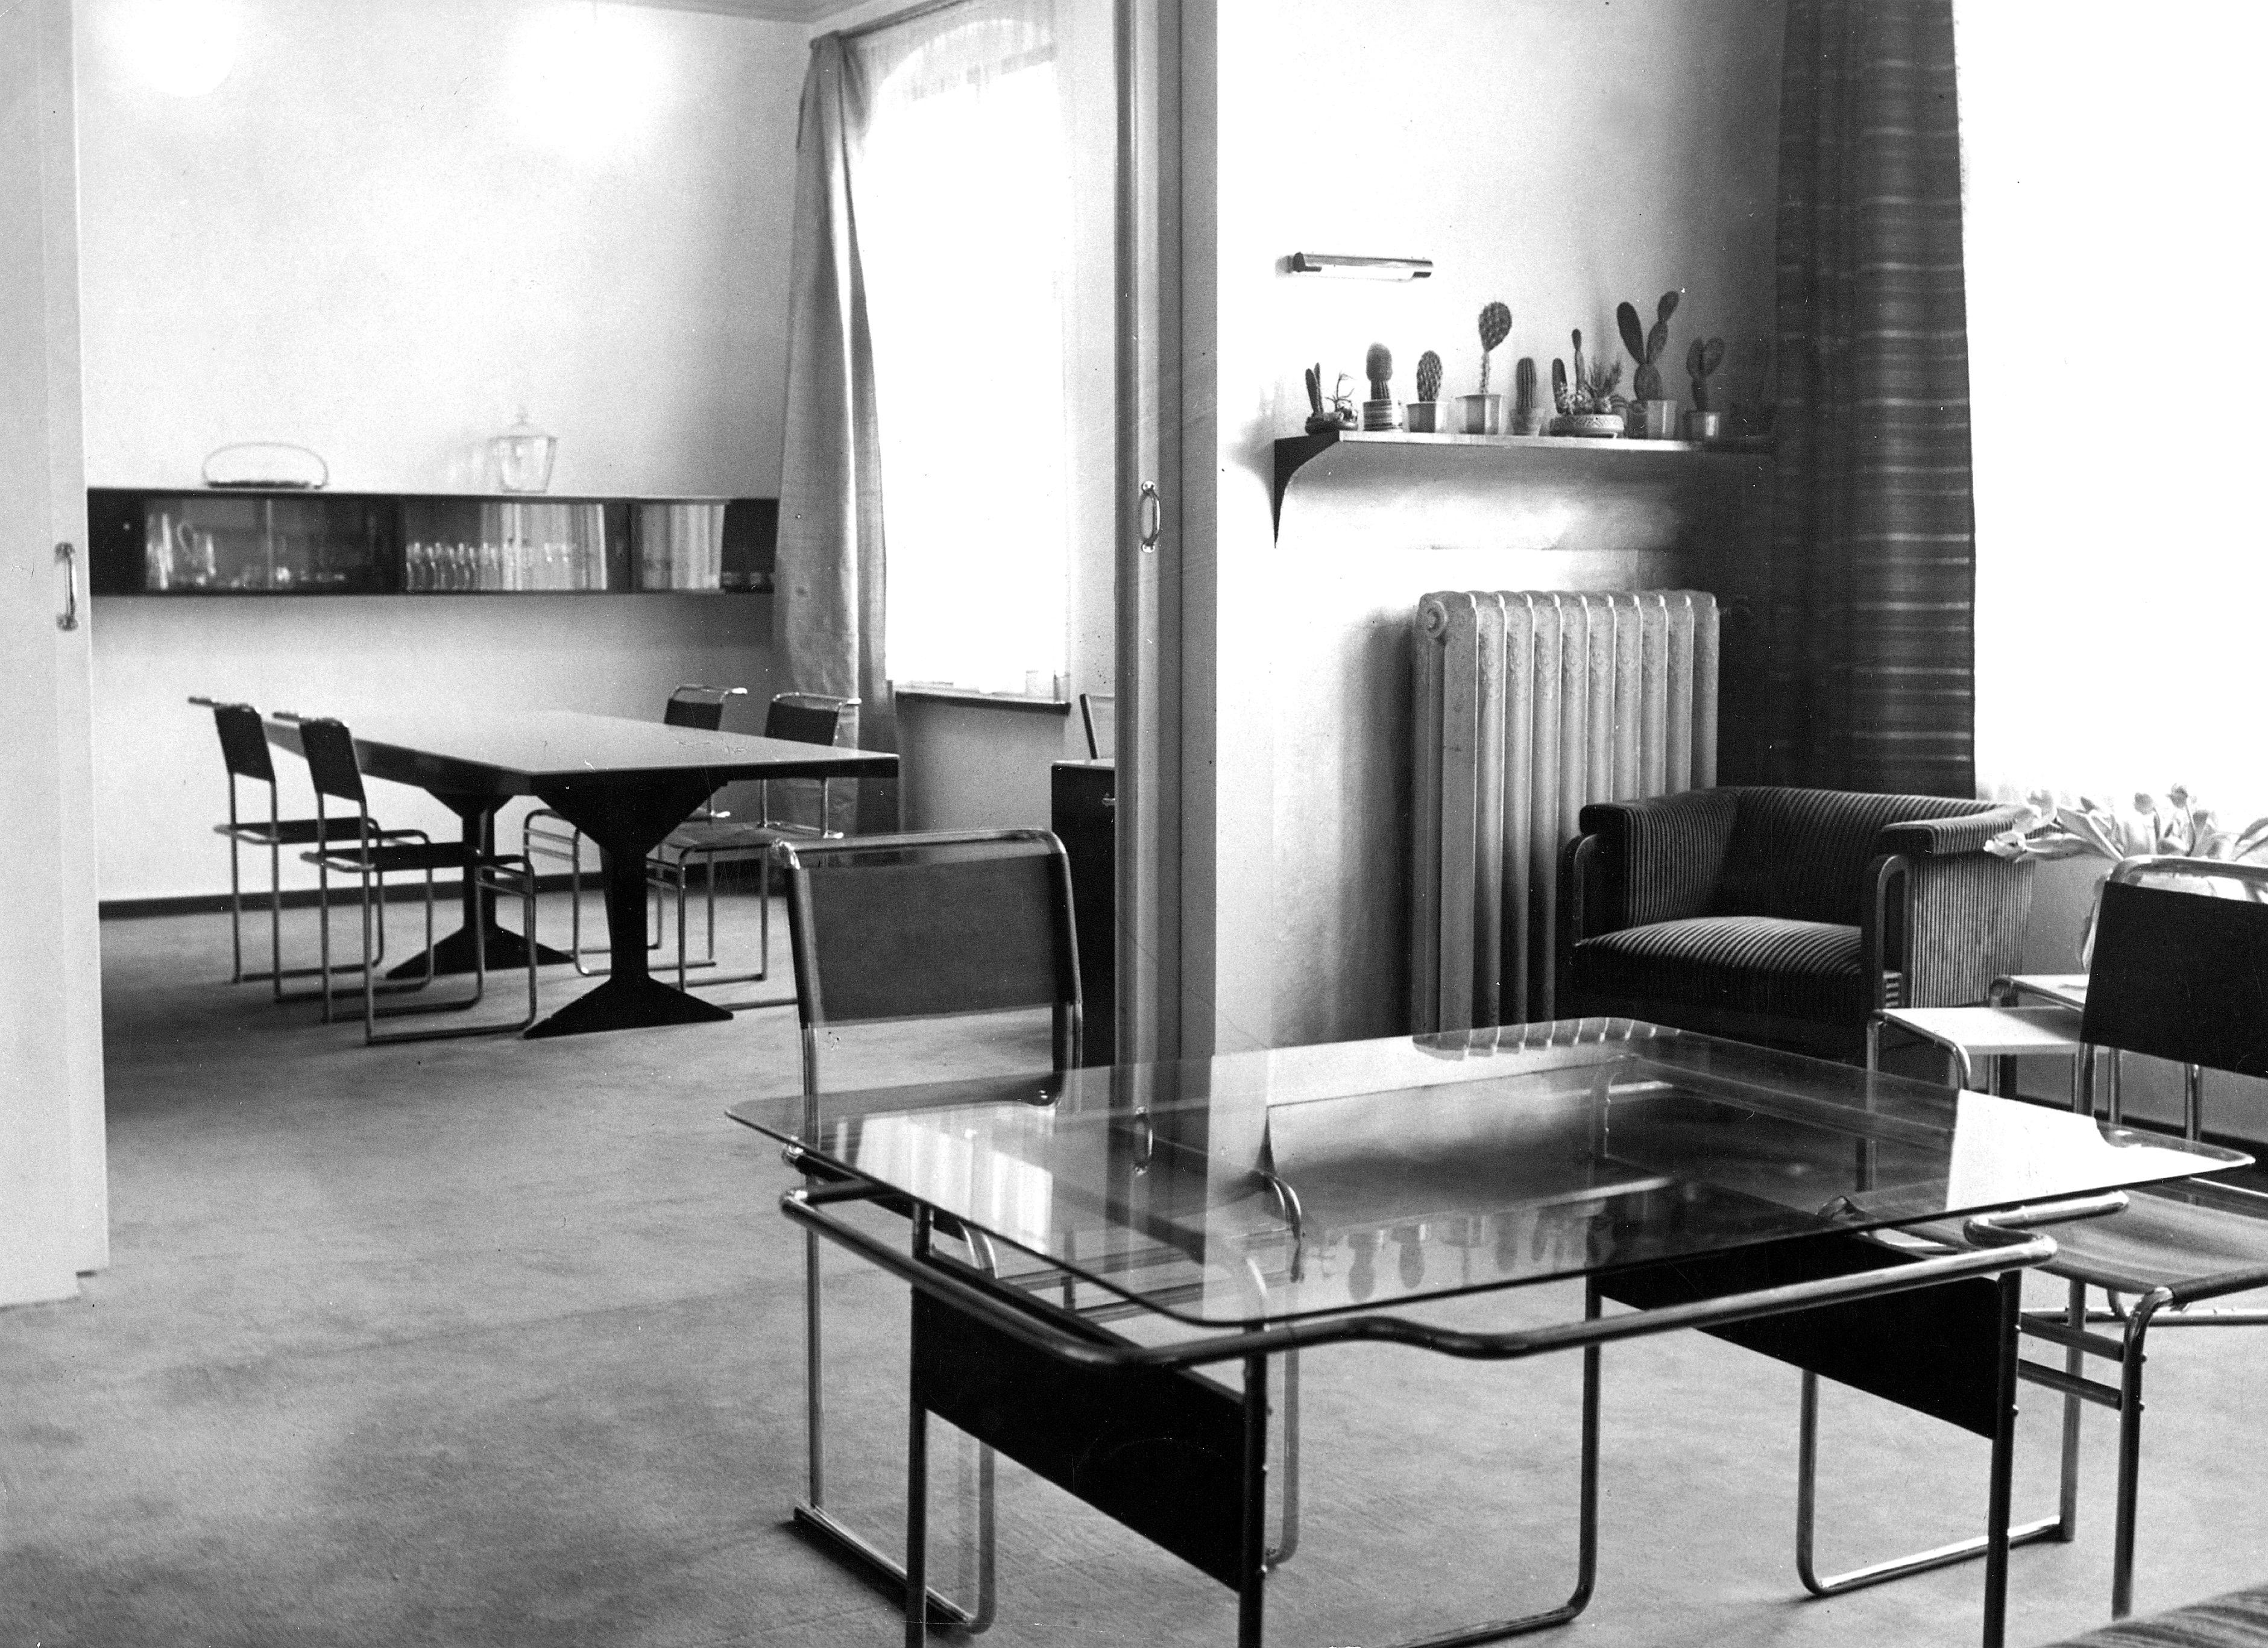 Marcel Breuer: Der Theaterdirektor Erwin Piscator hatte seine Wohnung mit Möbeln von Marcel Breuer ausgestattet, hier auf einem Bild von 1928.